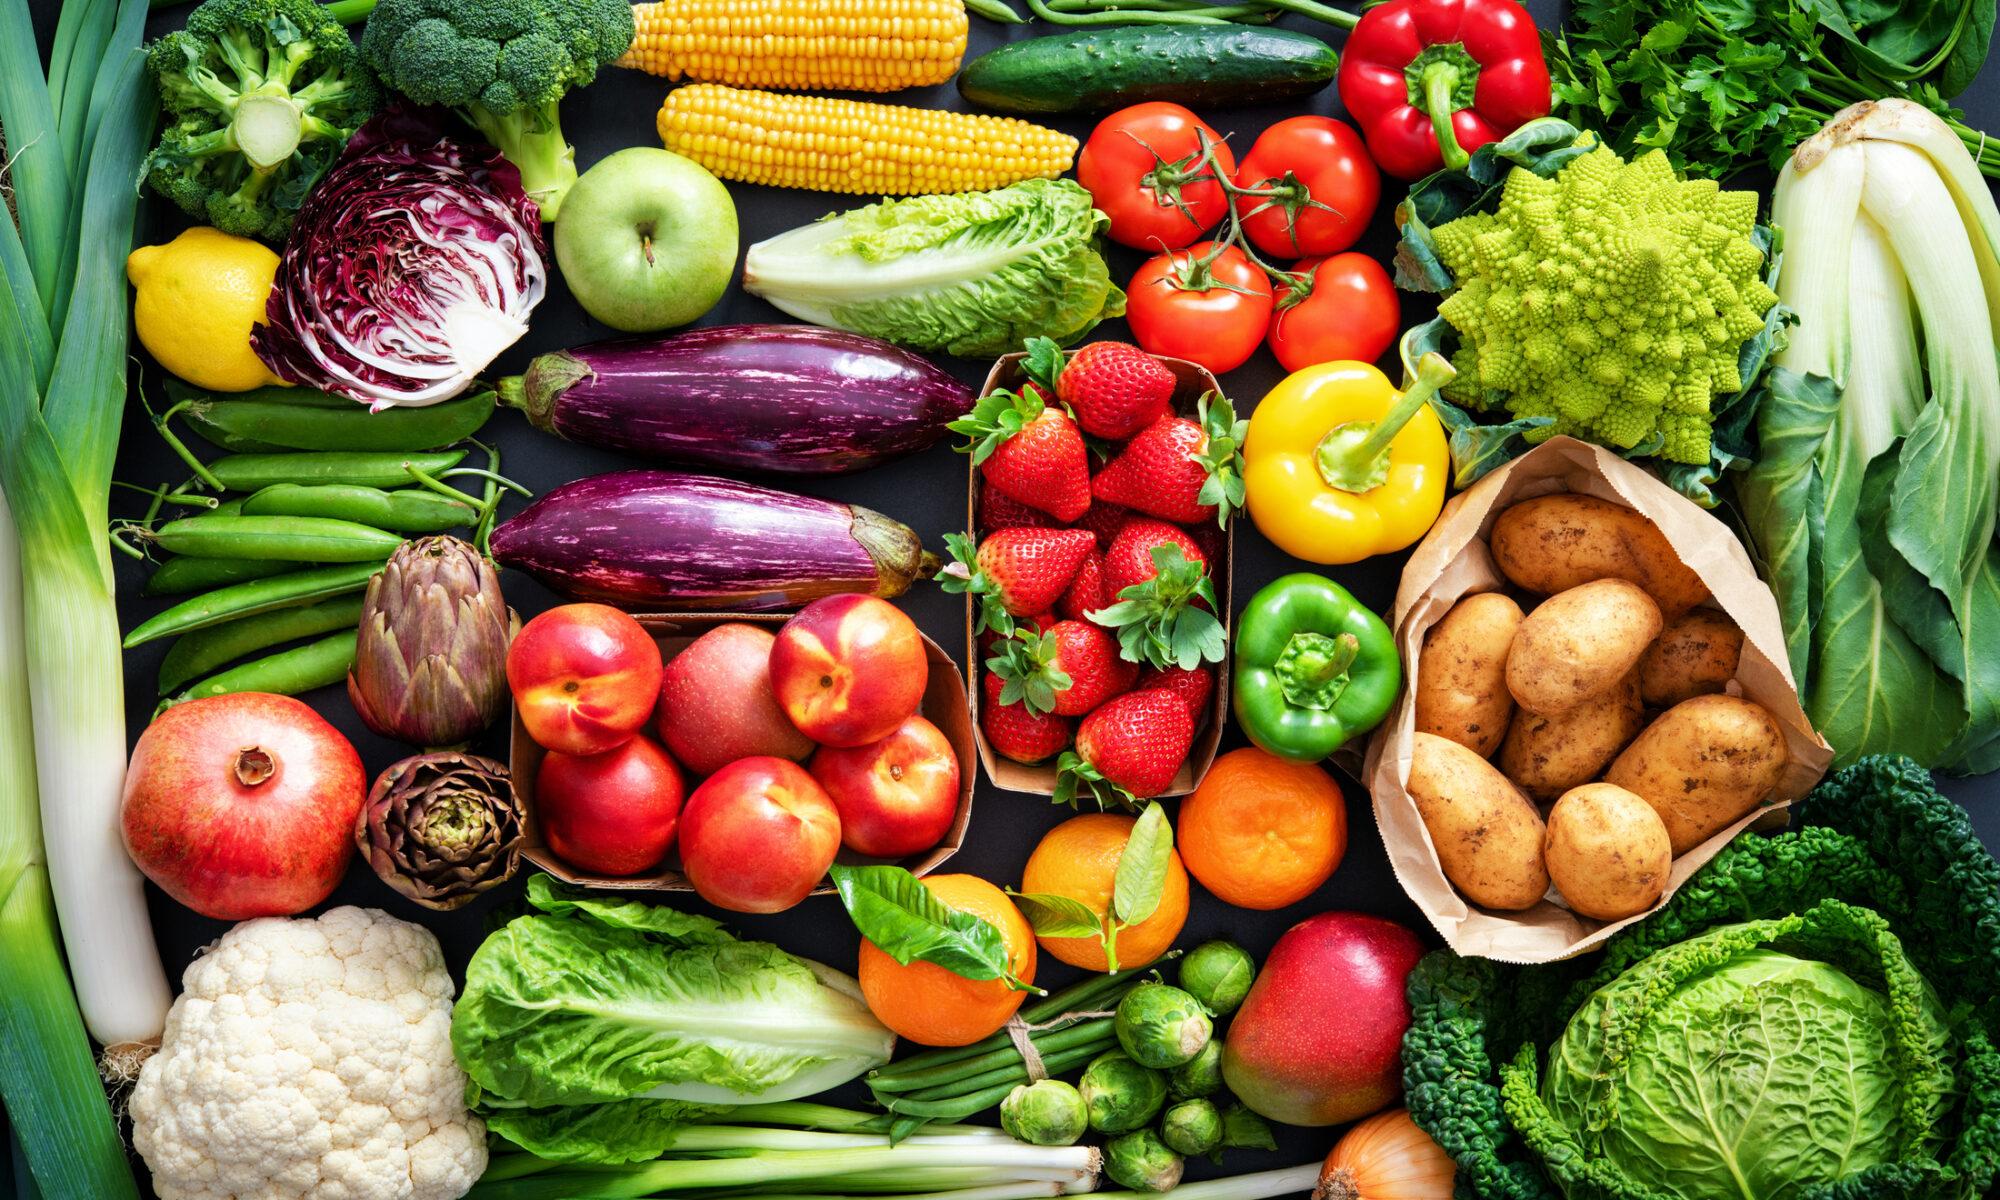 Terapias contra el cáncer con frutas y verduras